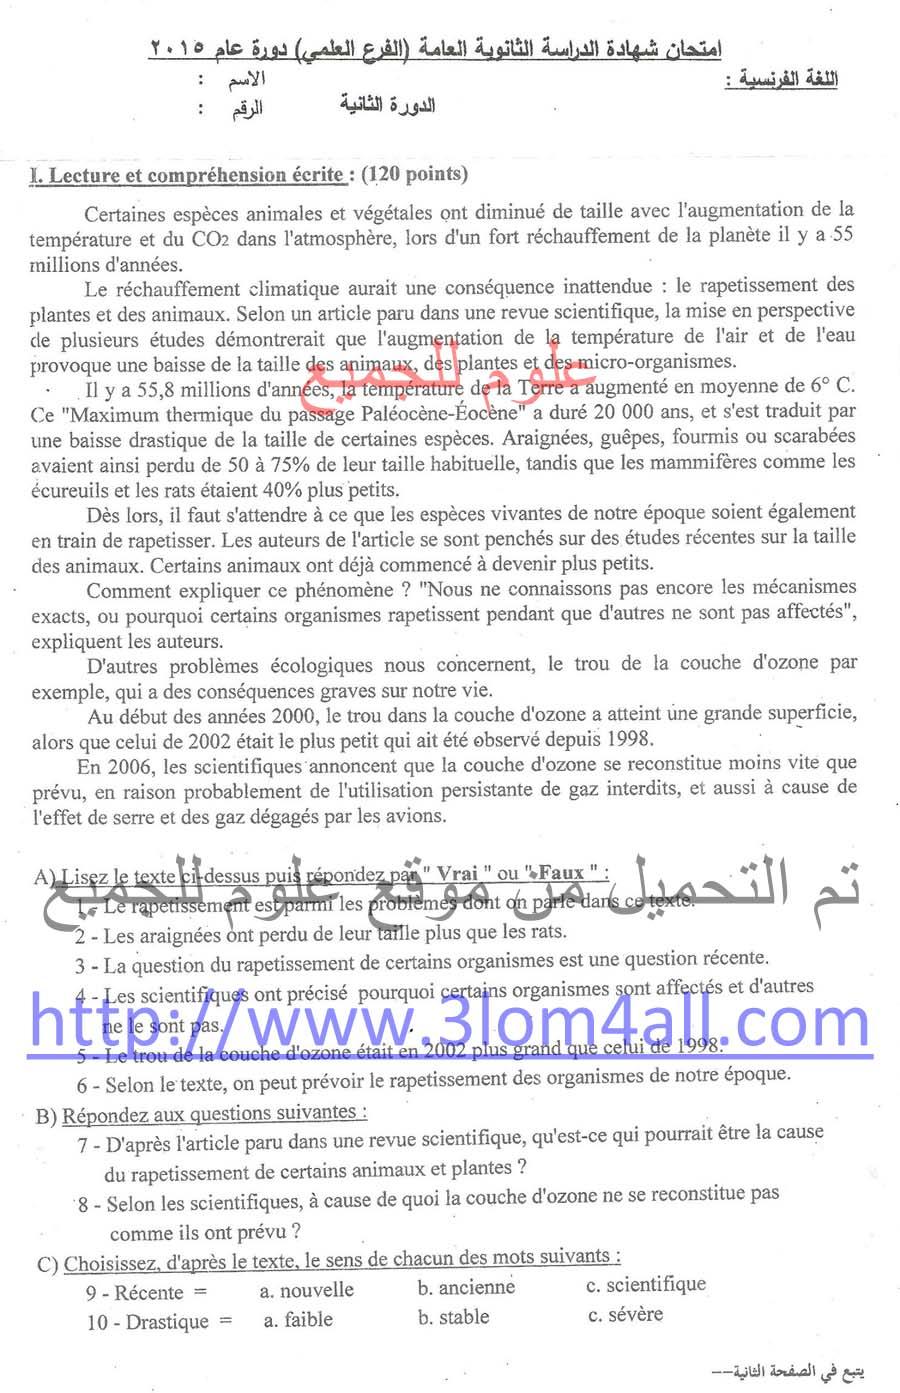 ورقة اسئلة امتحان اللغة الفرنسية البكالوريا العلمي 2015 الدورة الثانية